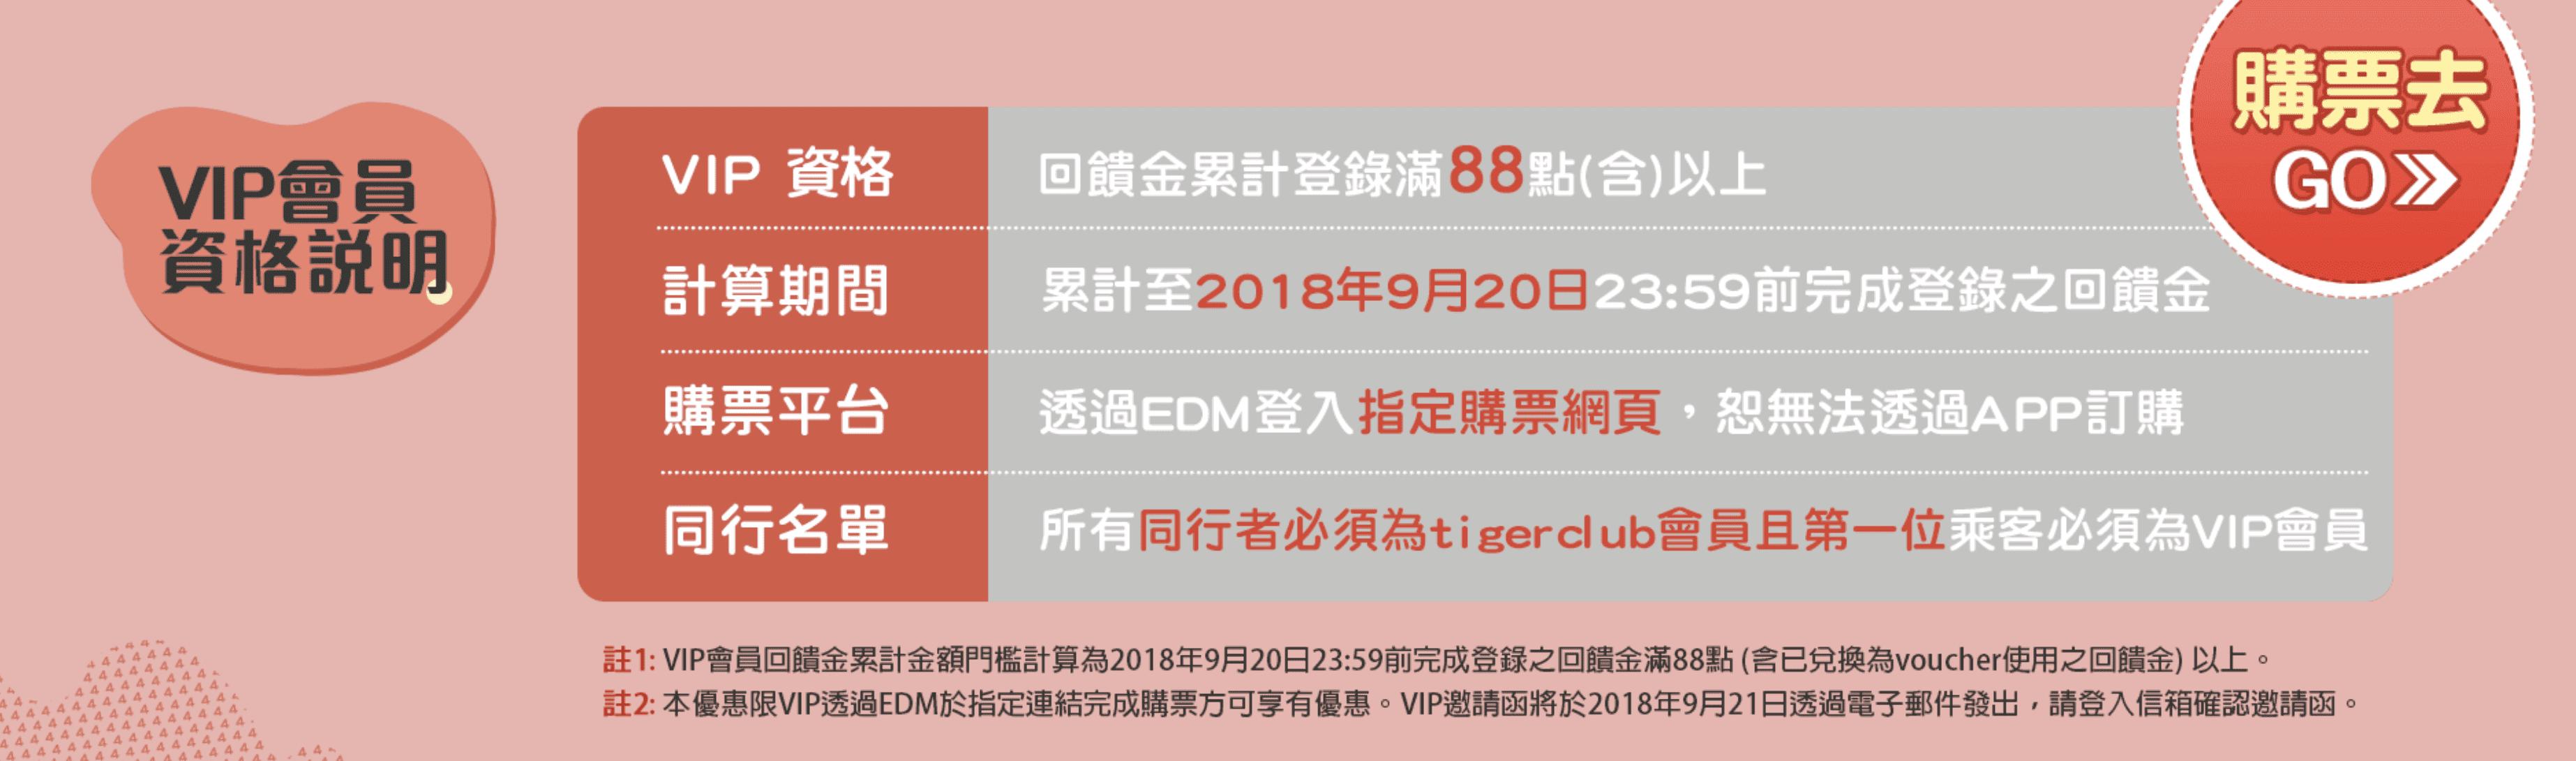 虎航49元促銷,9/25 10:00!封館大搶票,VIP資格限定~一般會員靜候9/26~